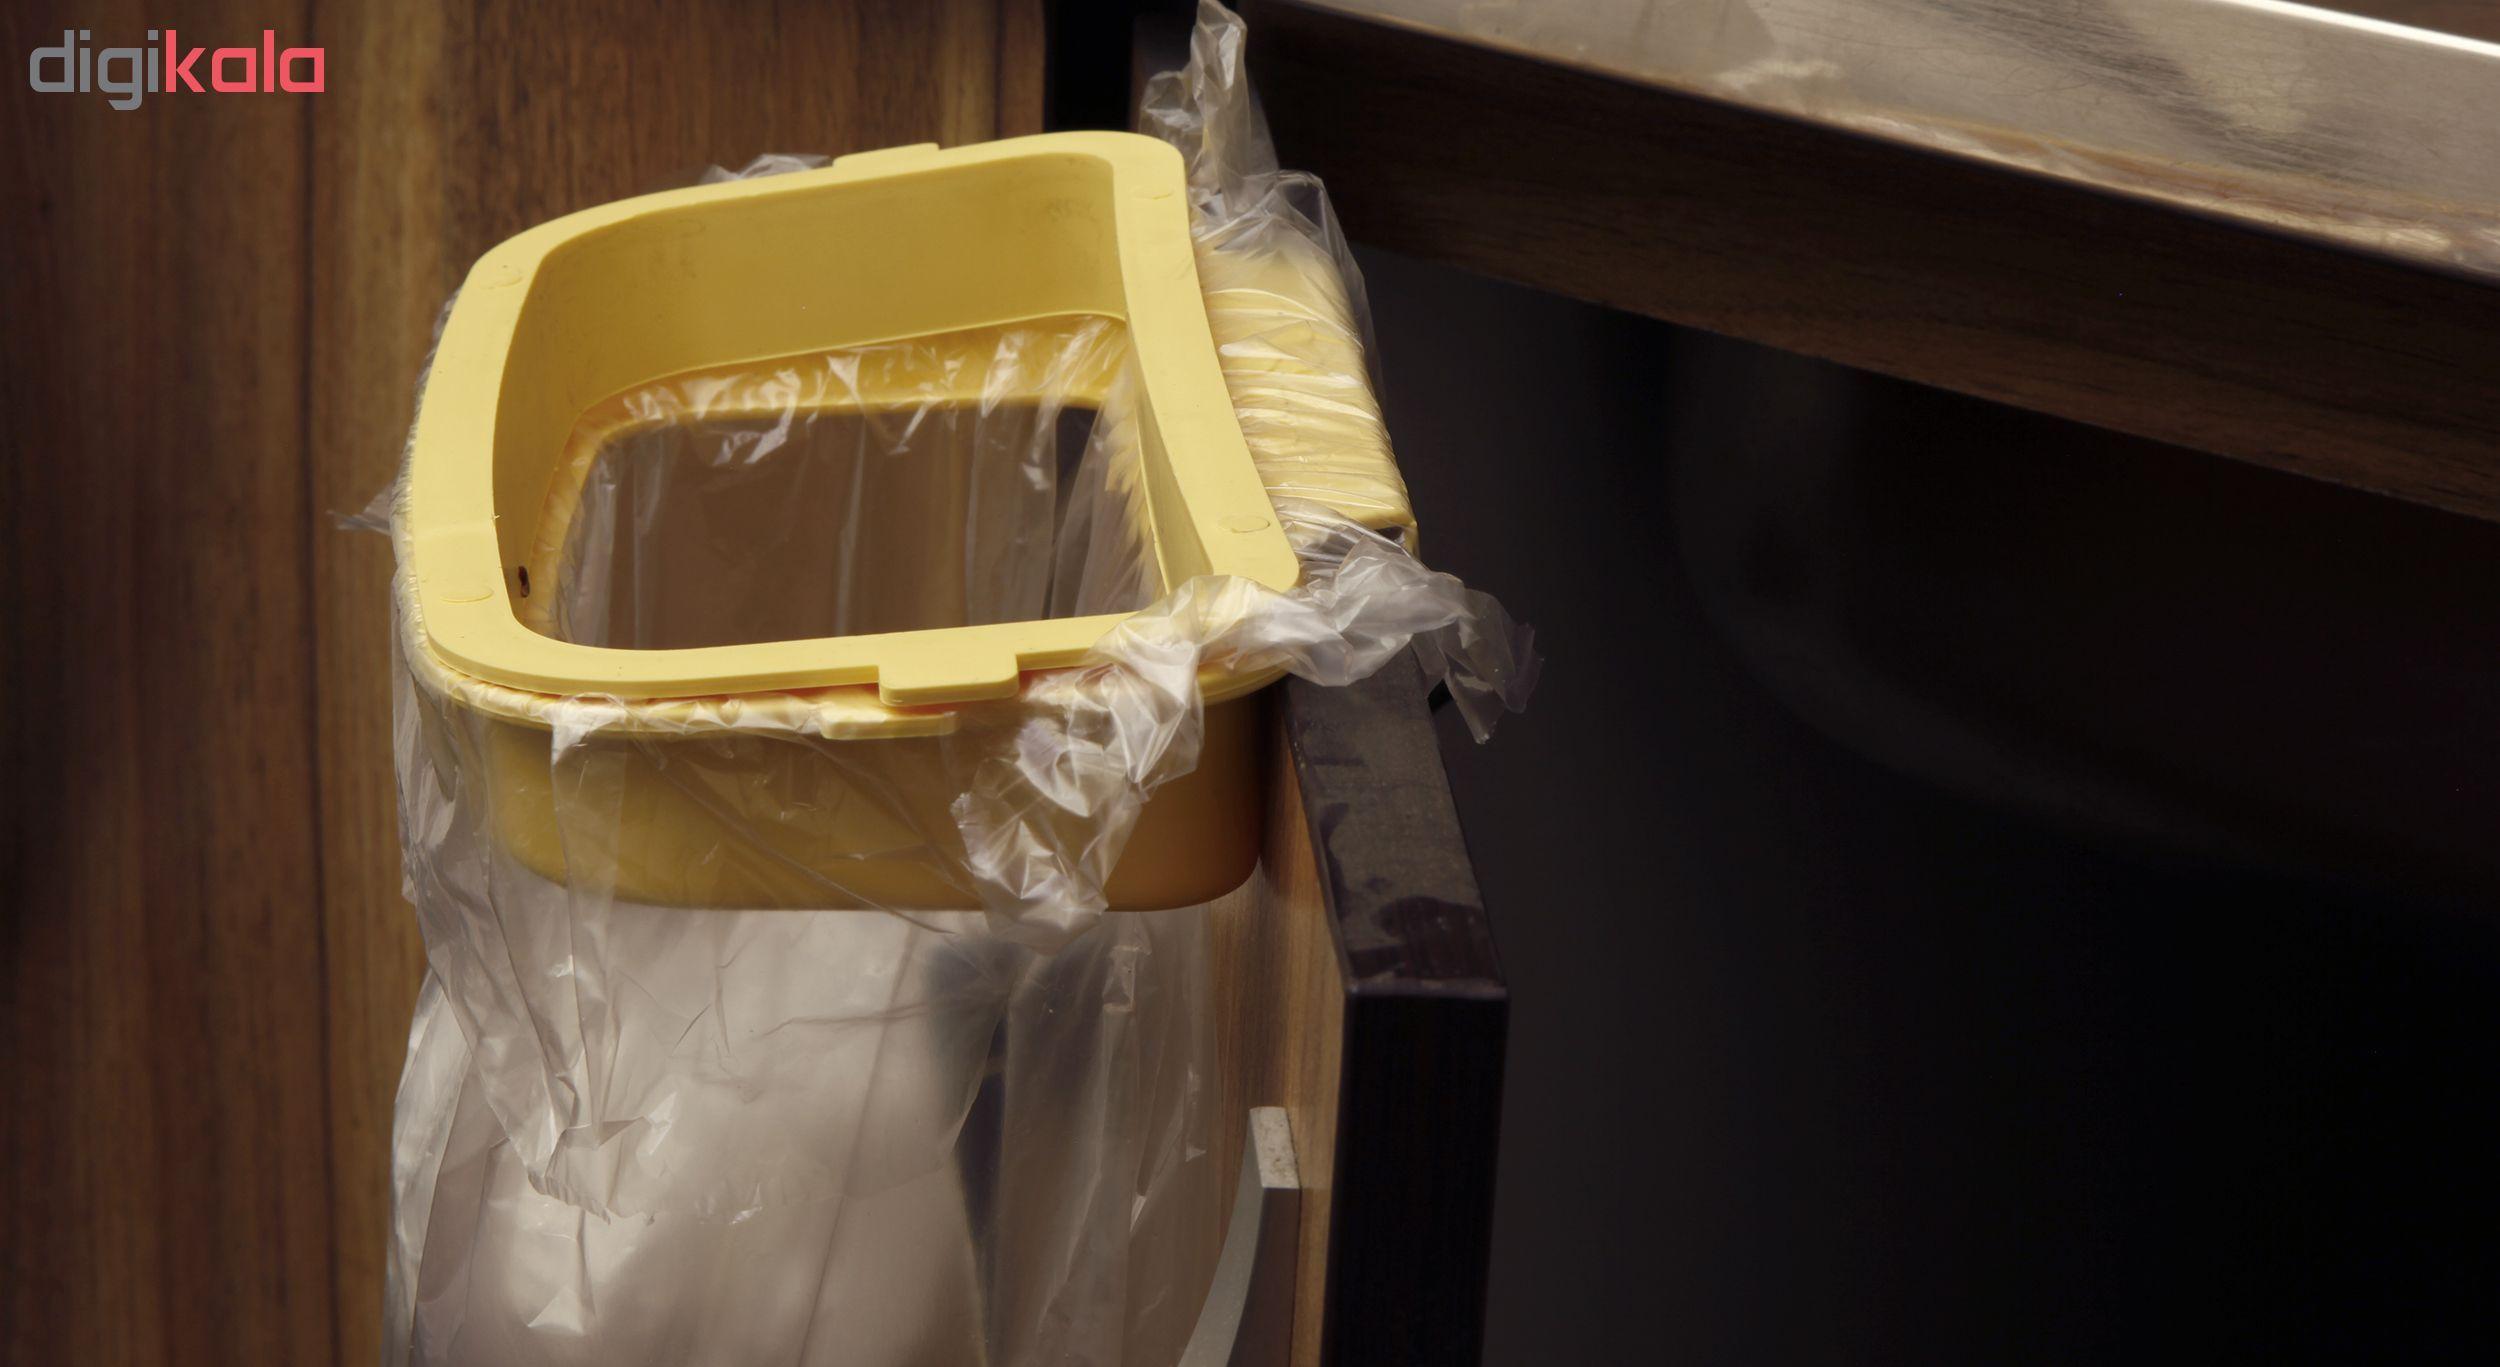 آویز کیسه زباله کابینتی مدل Garbin01 main 1 2